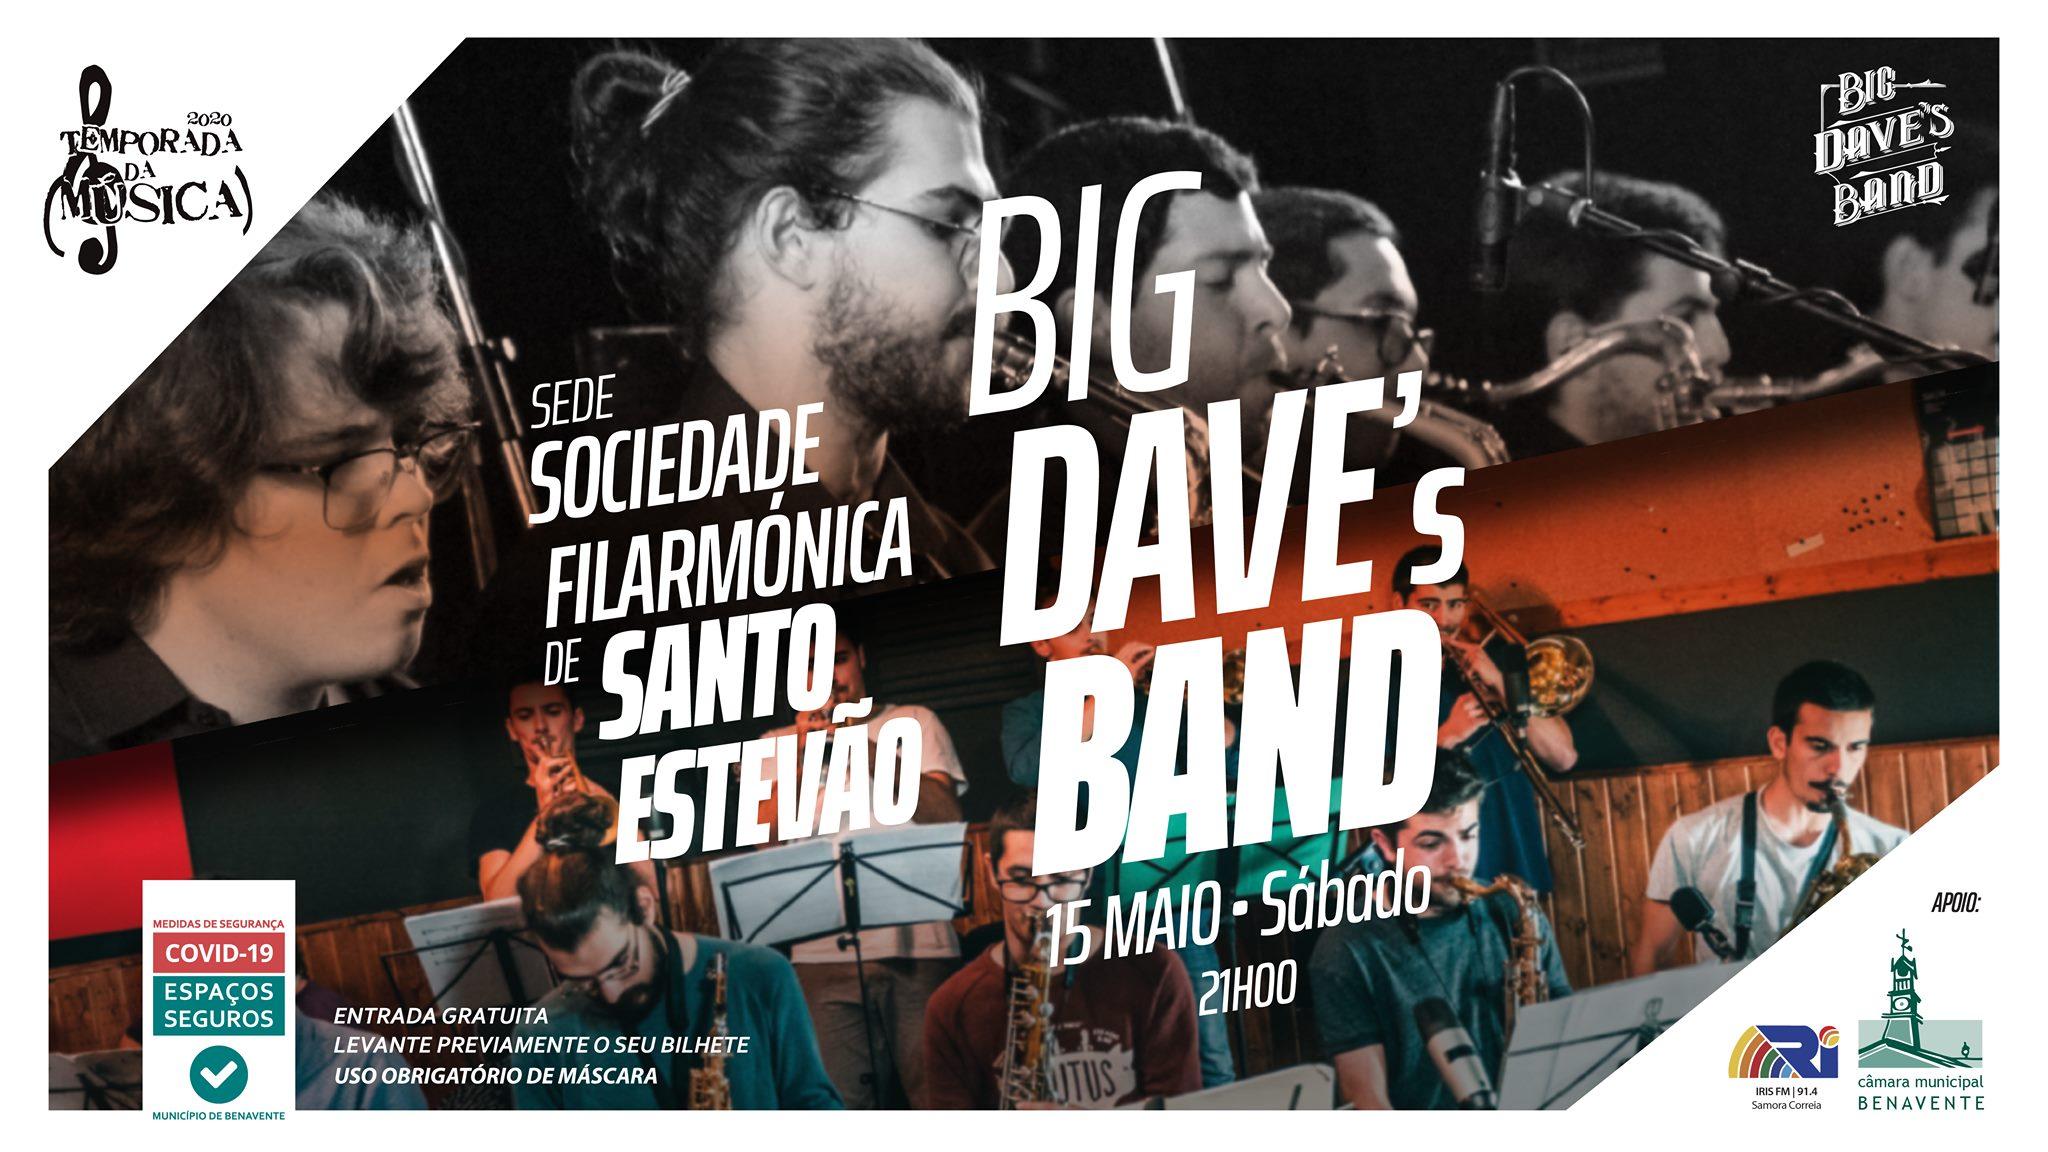 Concerto com BIG DAVE'S BAND